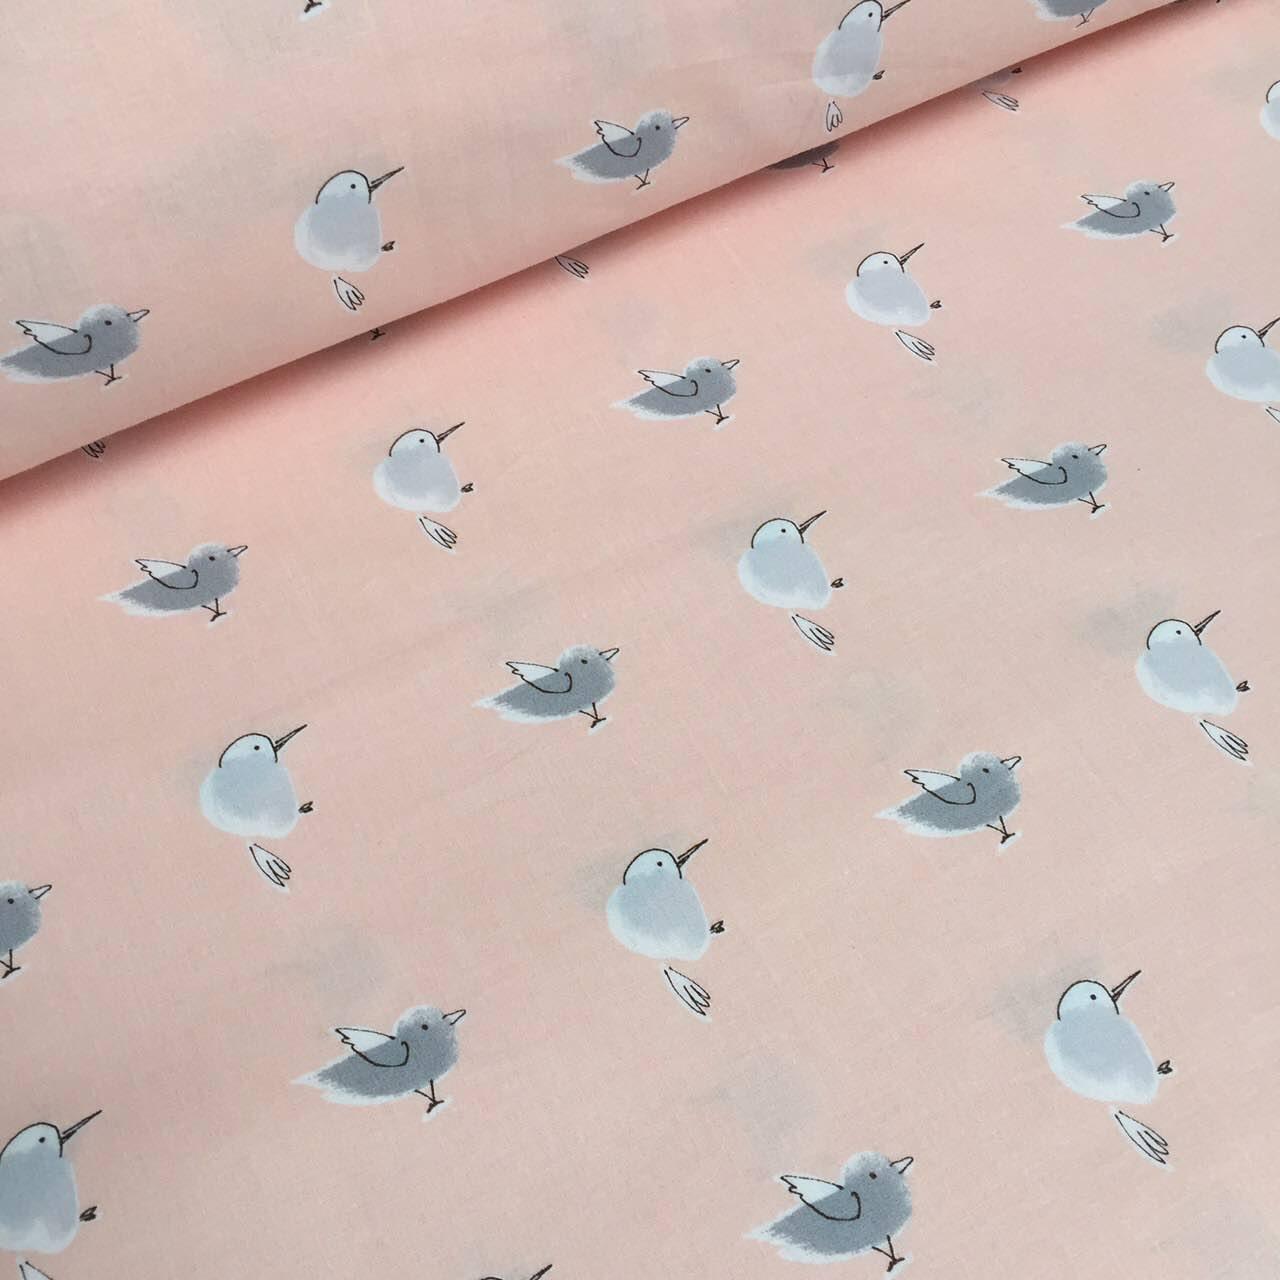 Хлопковая ткань премиум класса  с серыми птичками на персиковом №5-347